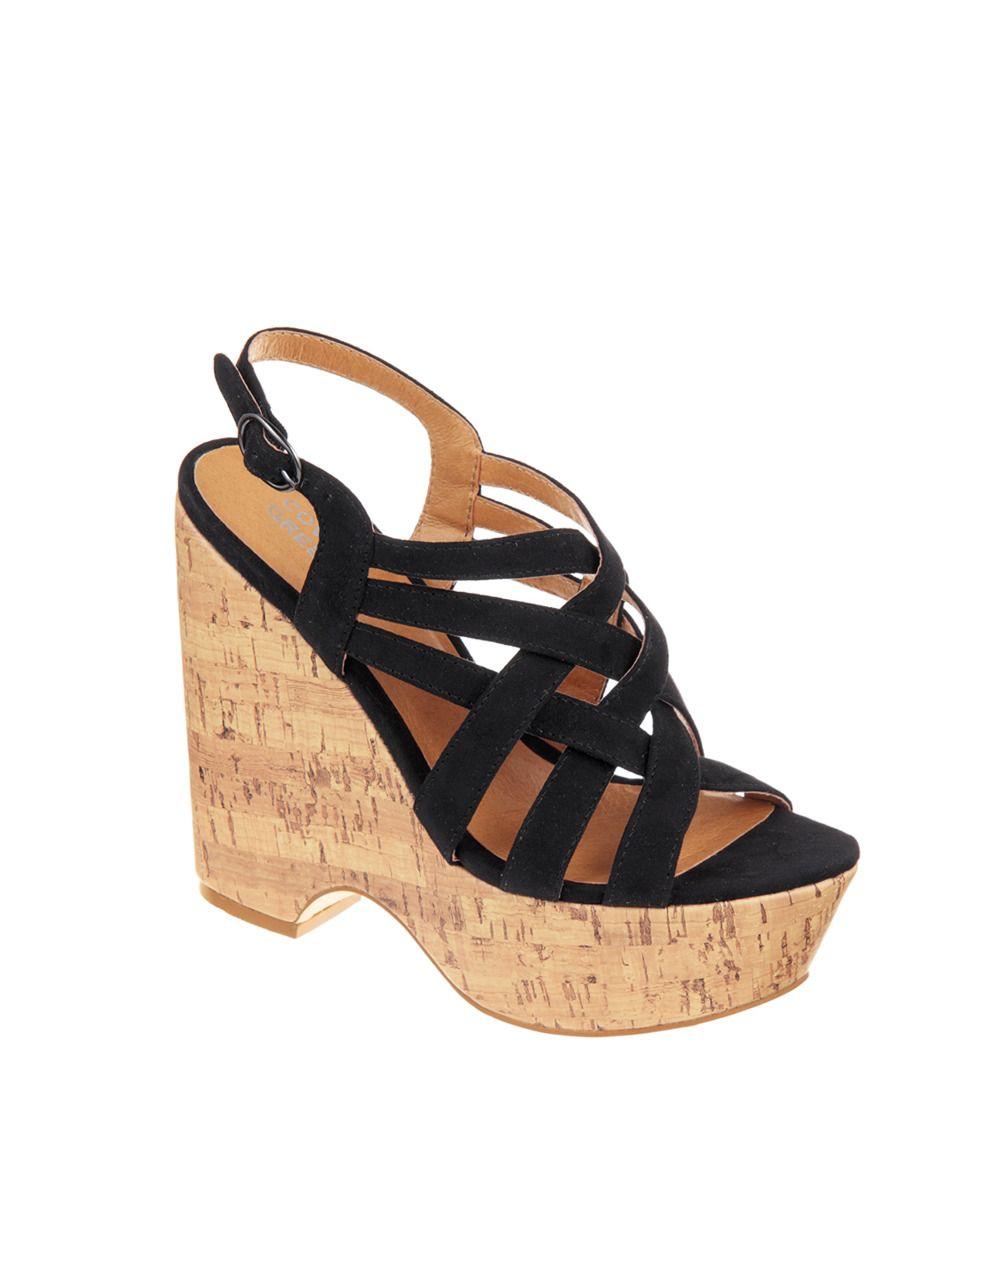 De Inglés Green Corte El Cuñas Coast Zapatos Mujer kPn8wO0